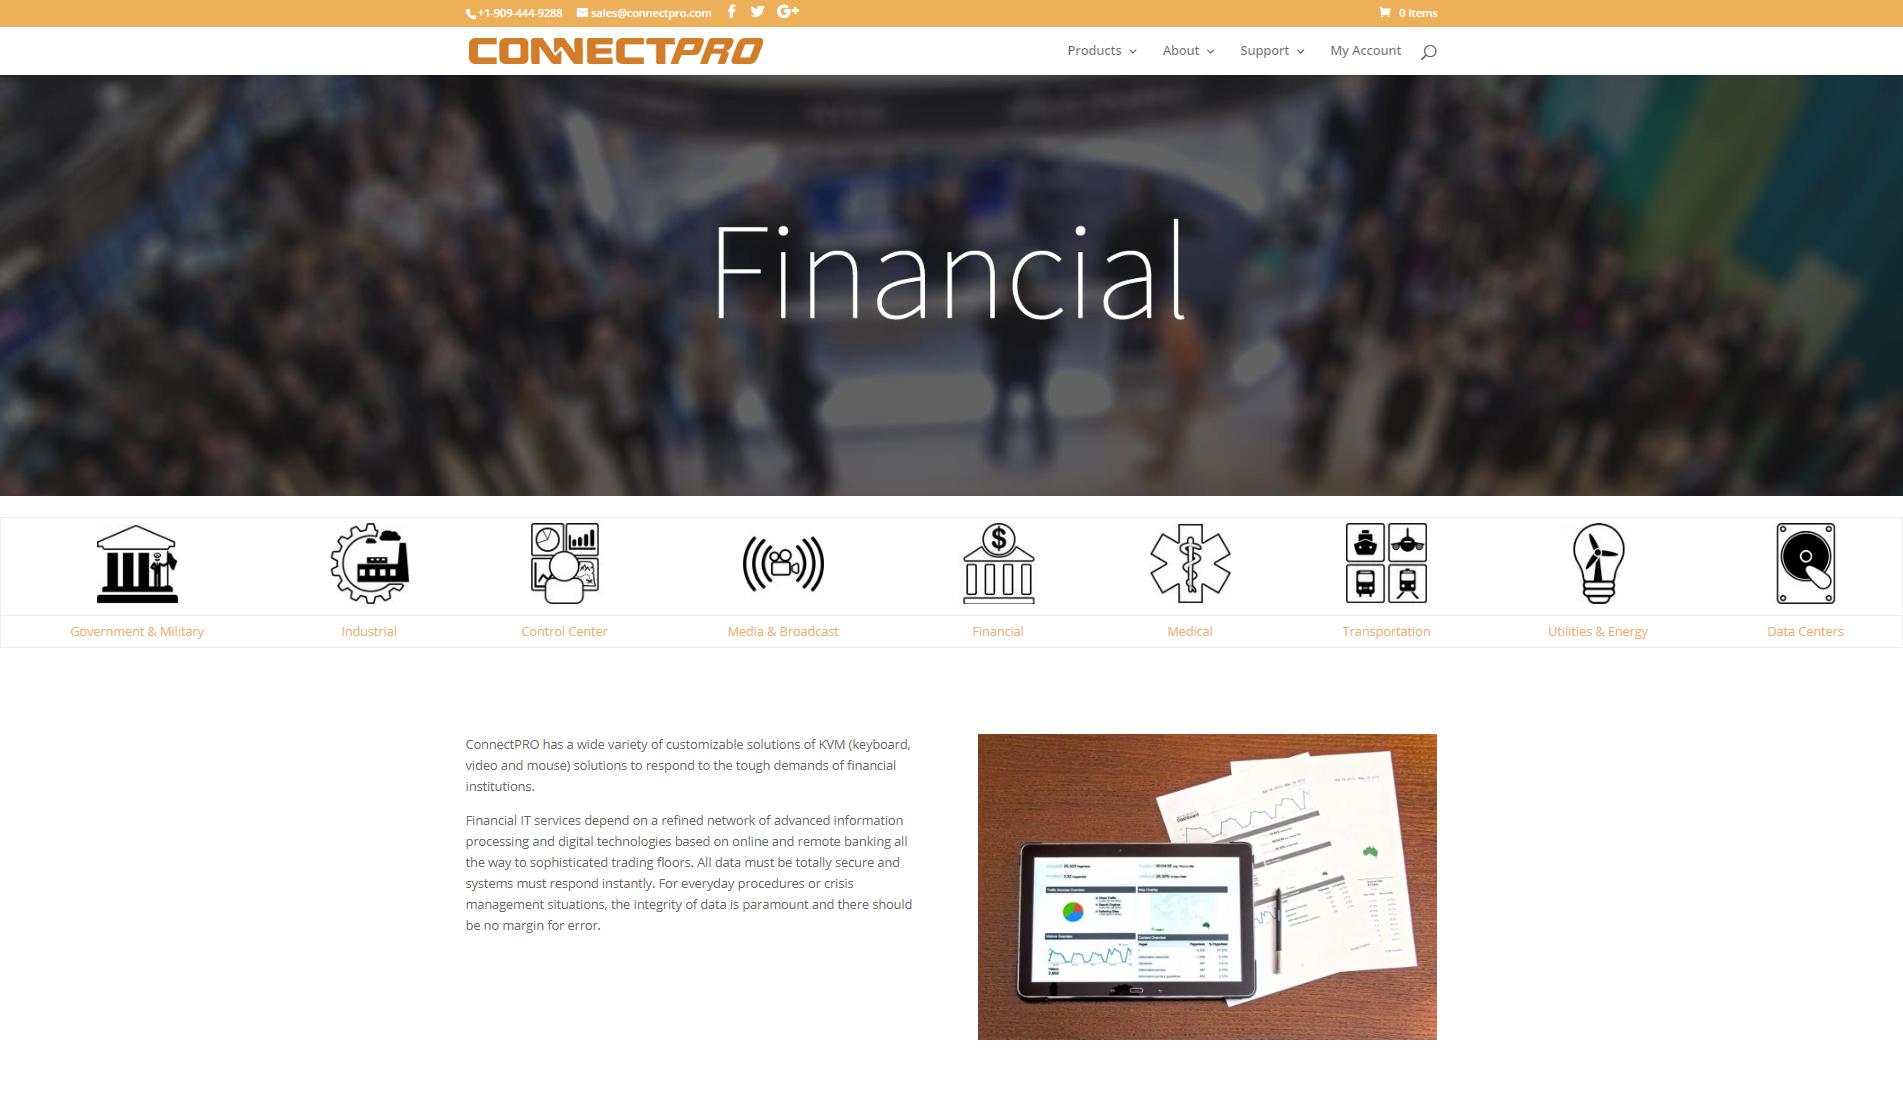 ConnectPRO_Industry_Nav_Bar_Financial.jpg